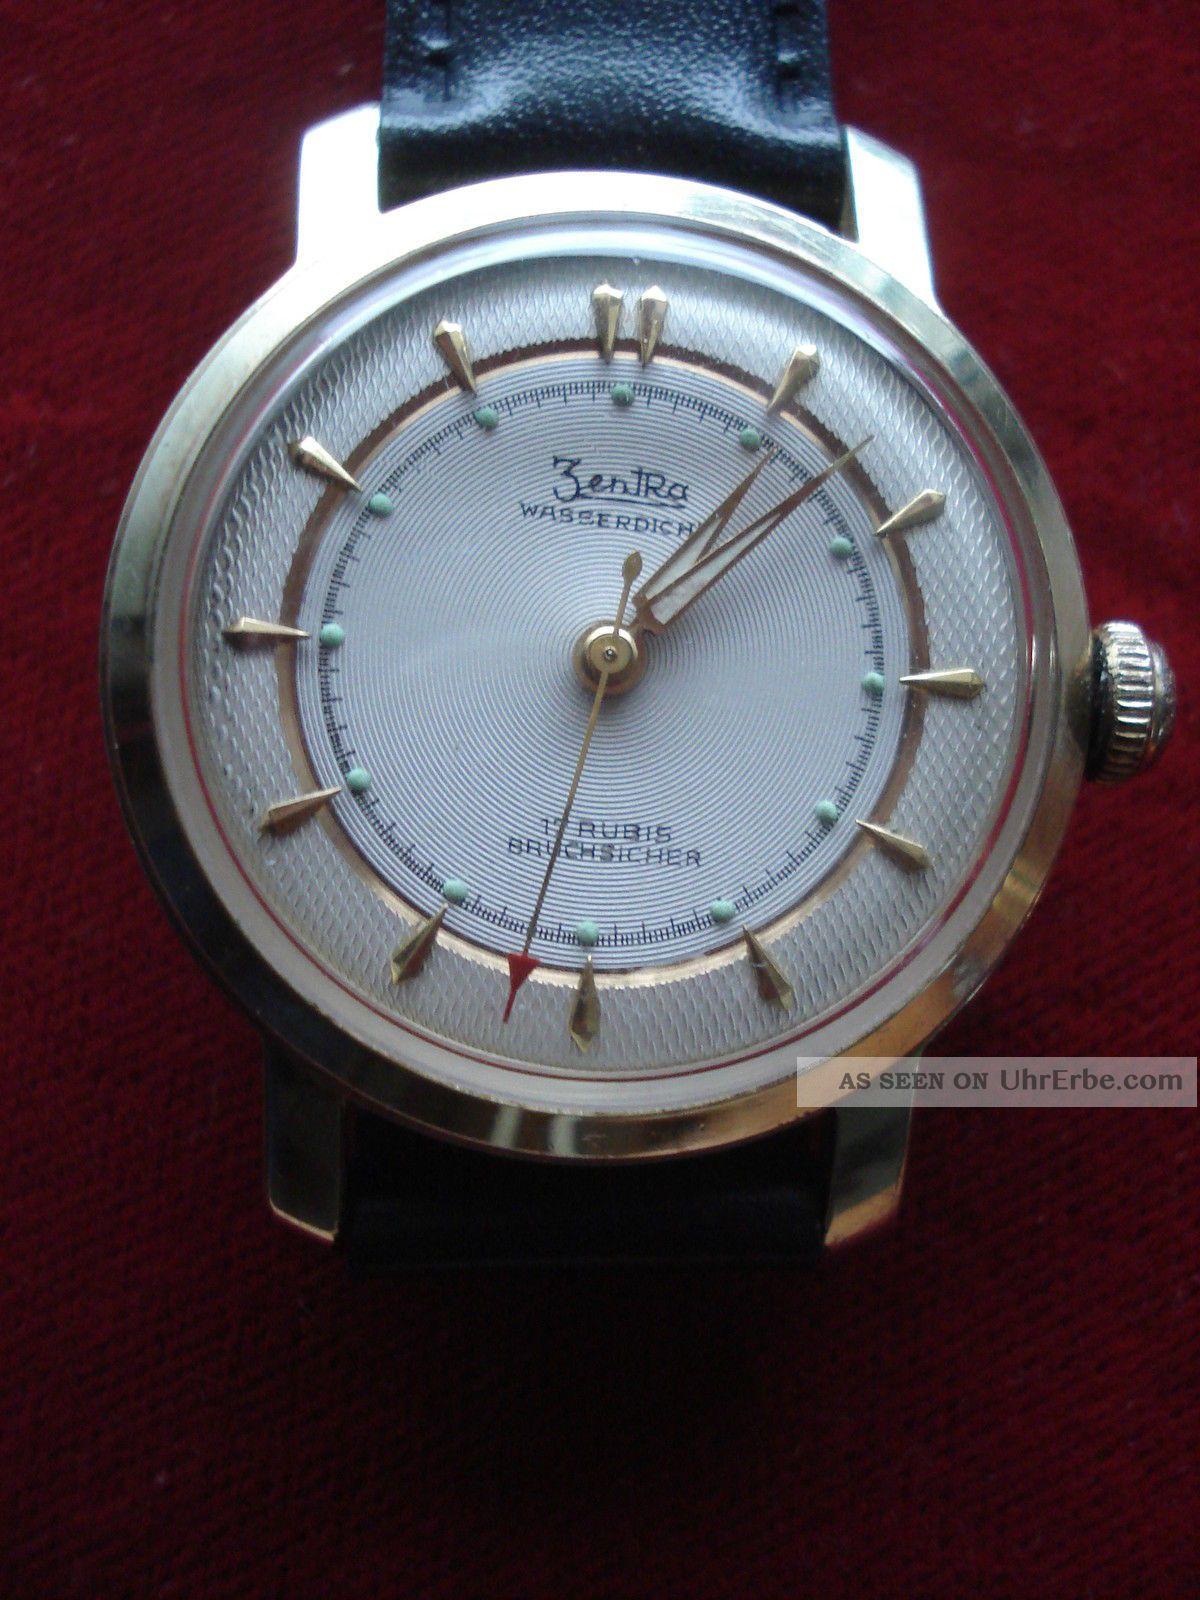 Herrenarmbanduhr,  Zentra Handaufzug Eta 1080, Armbanduhren Bild